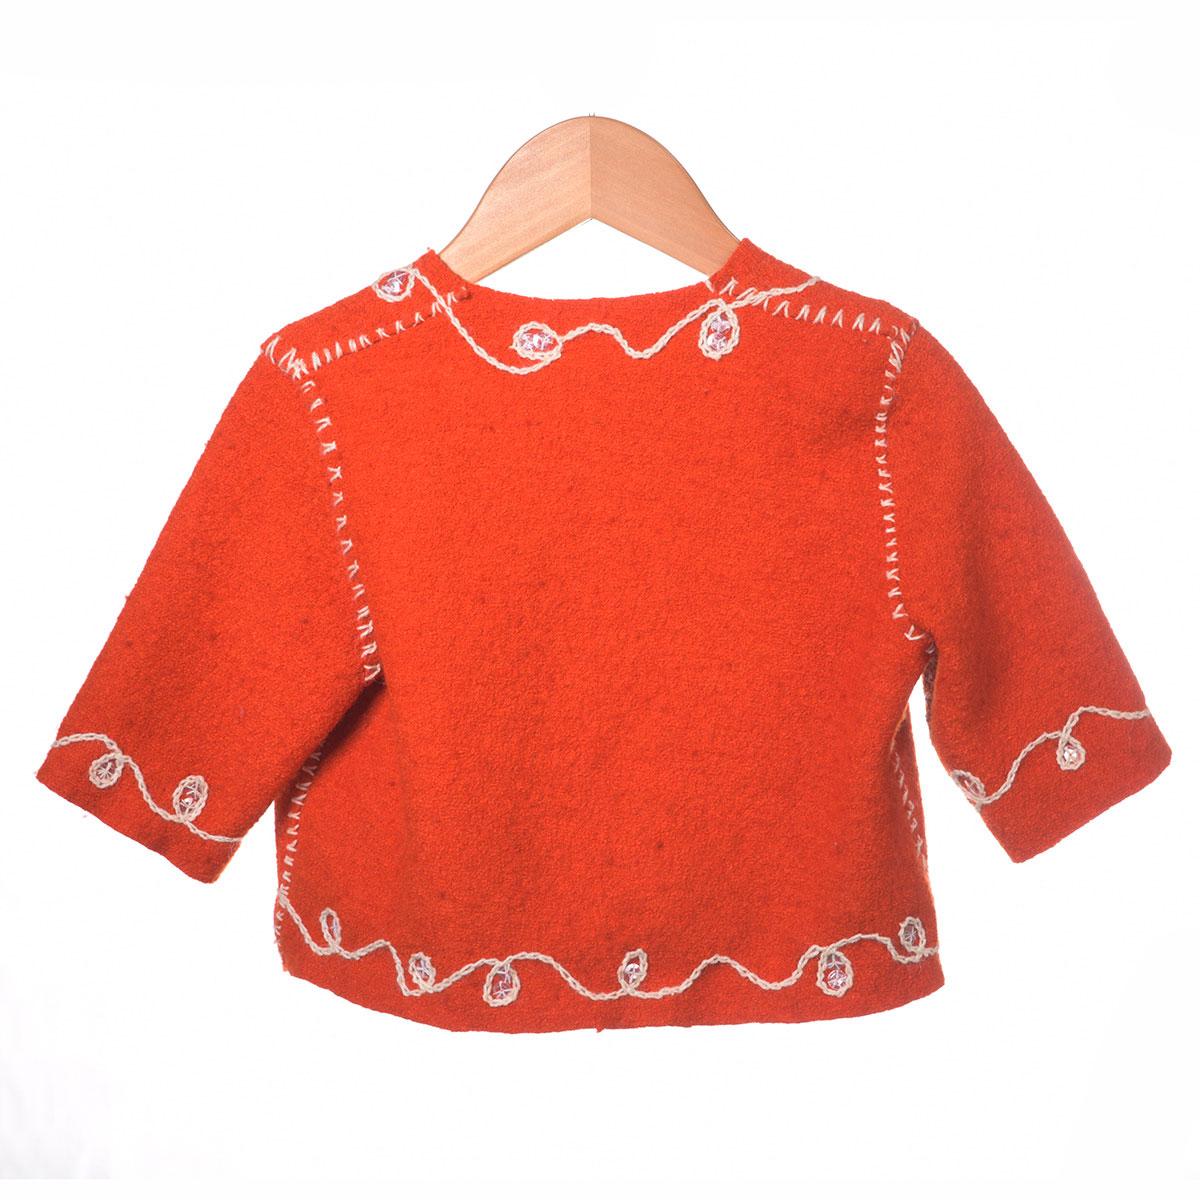 rood en jasje wit borduursel achterzijde